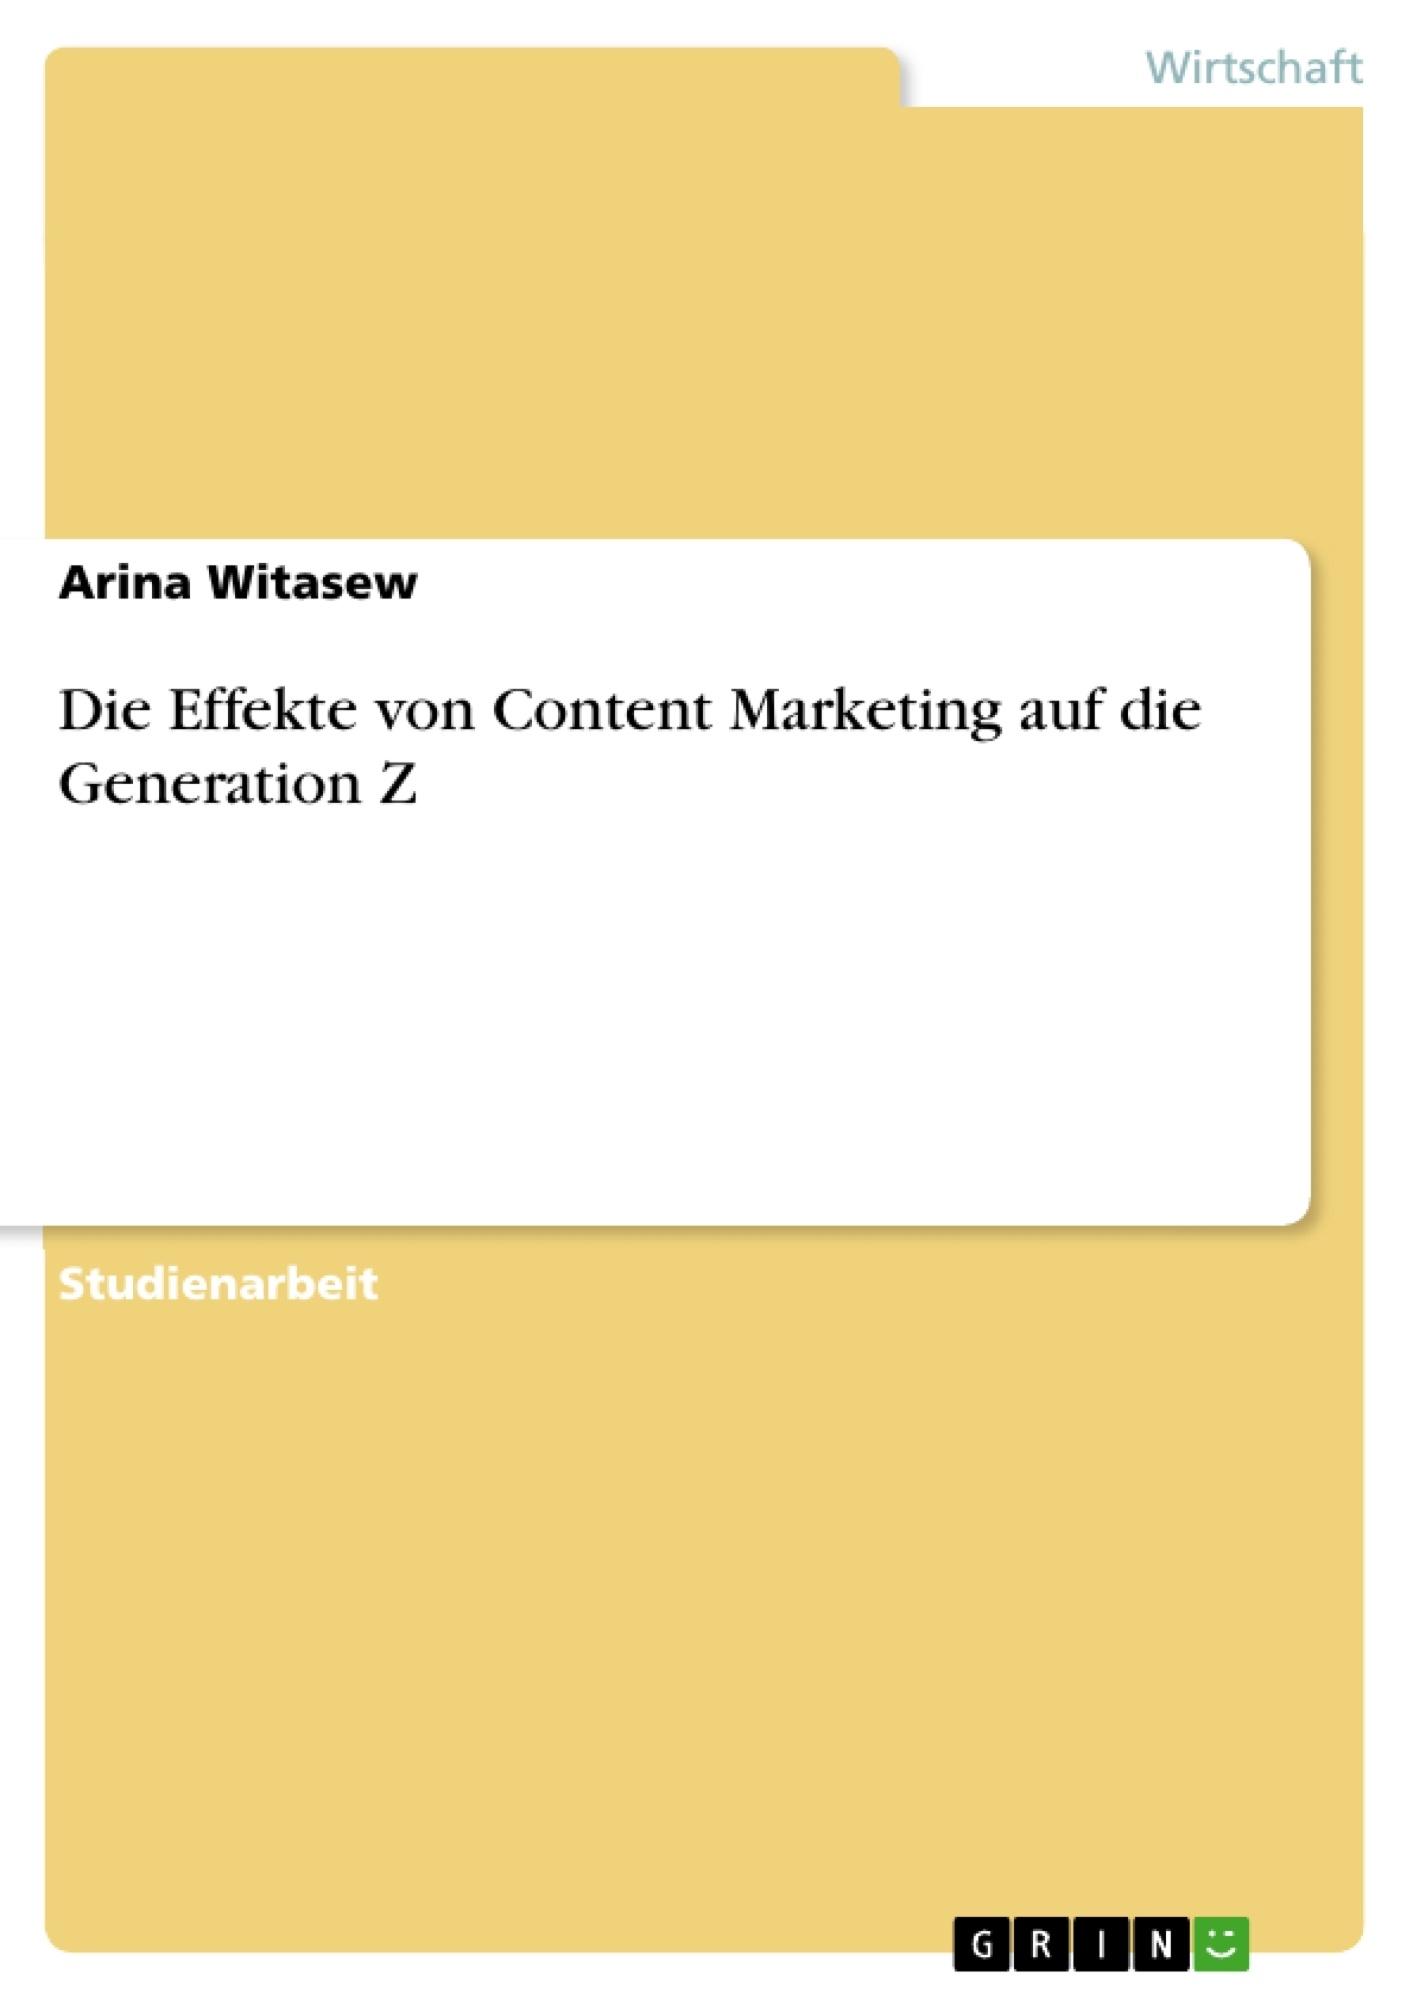 Titel: Die Effekte von Content Marketing auf die Generation Z